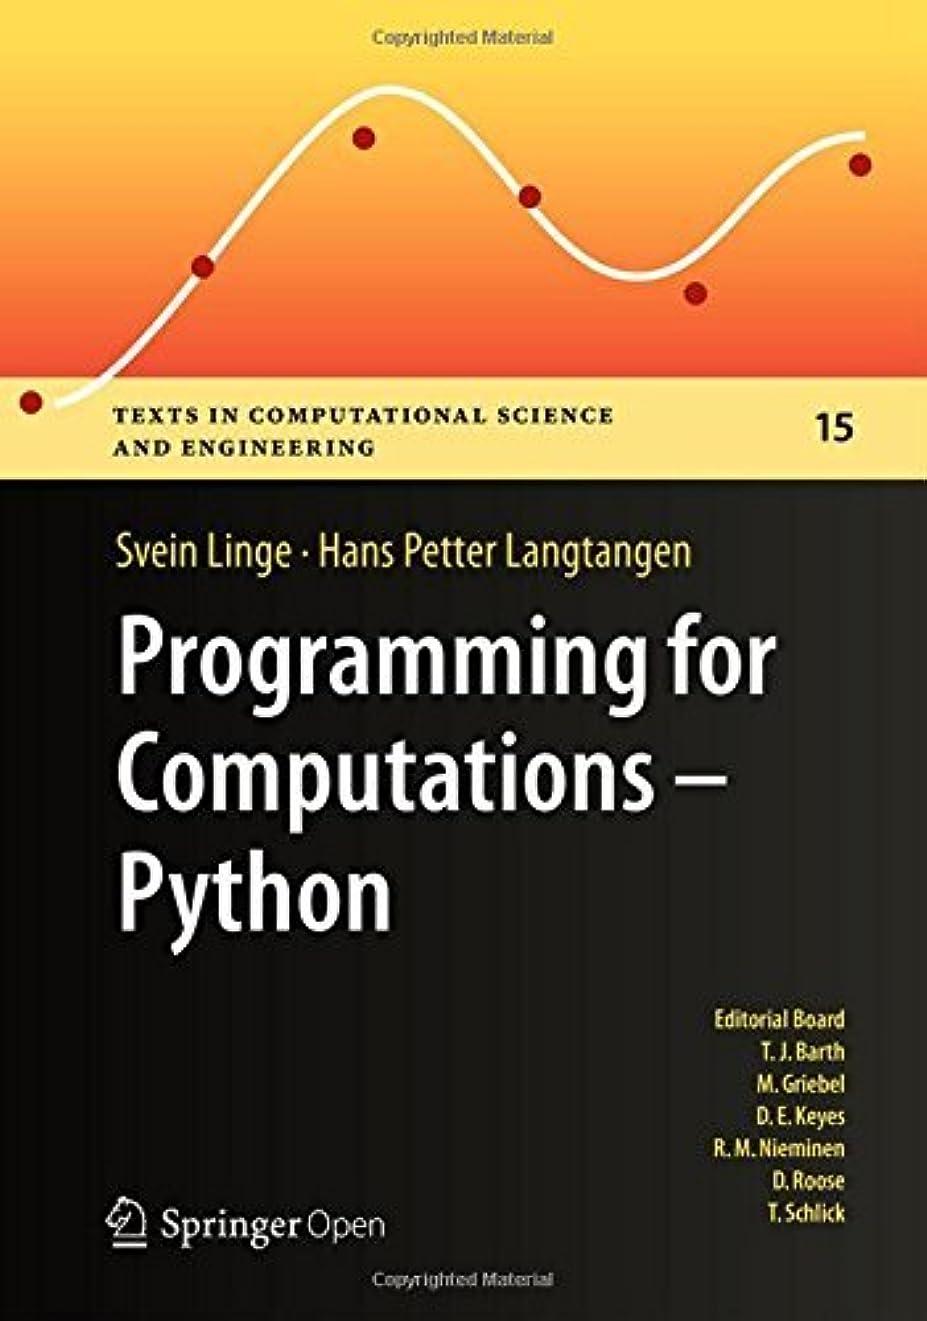 フラフープ赤外線ラビリンスProgramming for Computations - Python: A Gentle Introduction to Numerical Simulations with Python (Texts in Computational Science and Engineering Book 15) (English Edition)